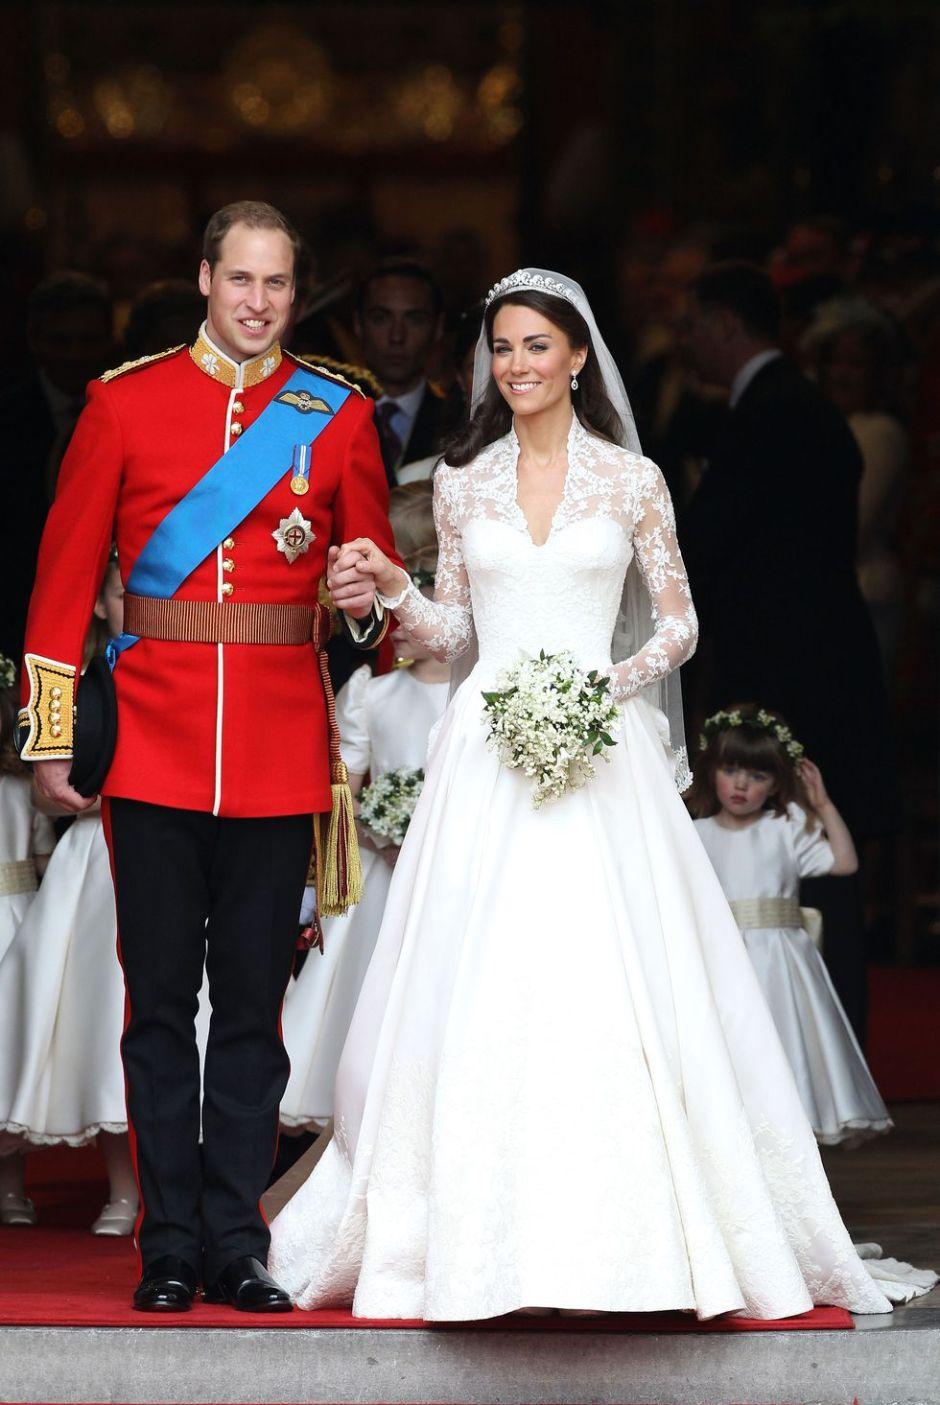 duchess-kate-wedding-dress-1516597634